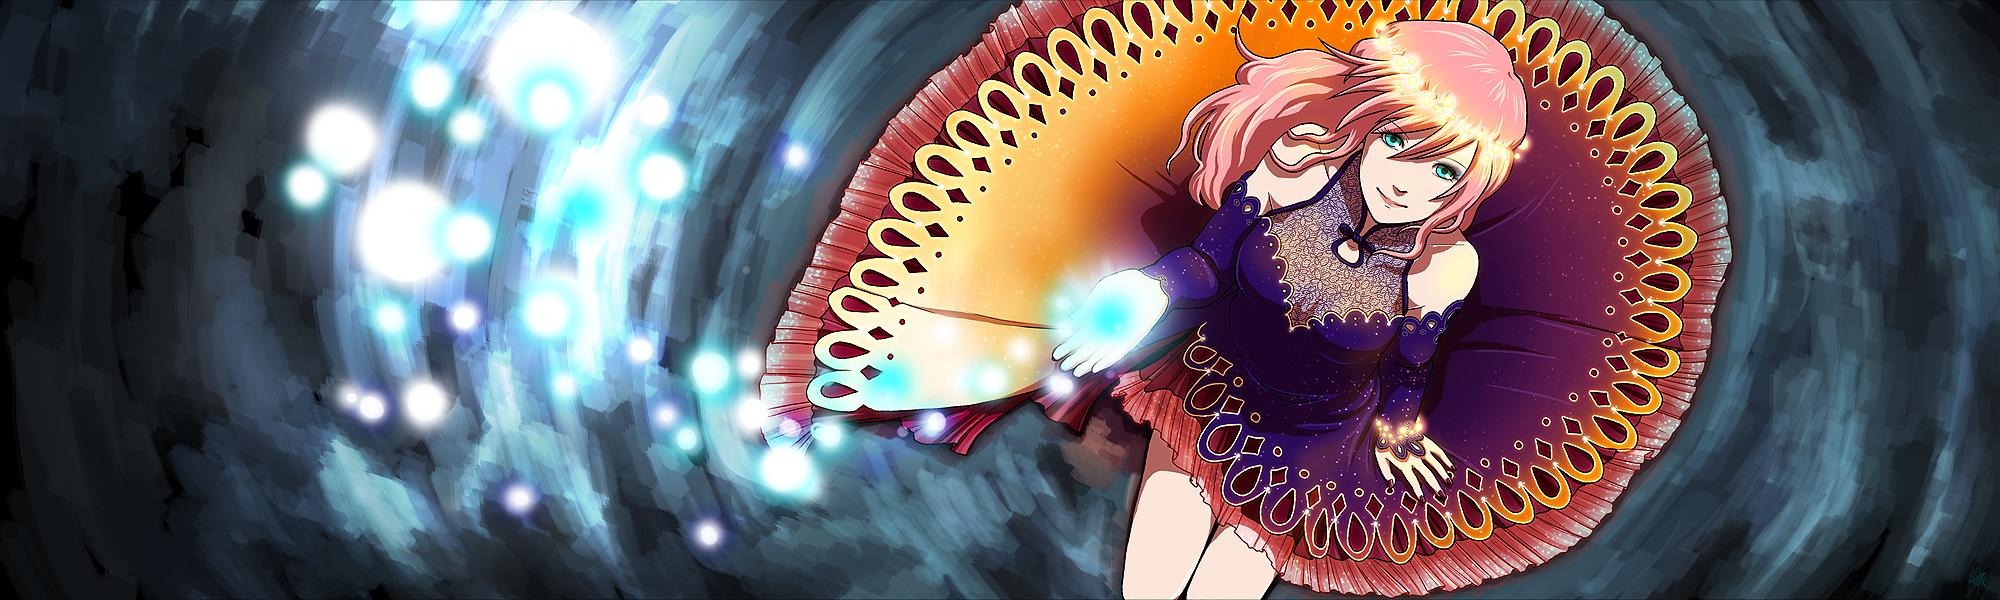 LRC: Eventide Waltz by kishi-san